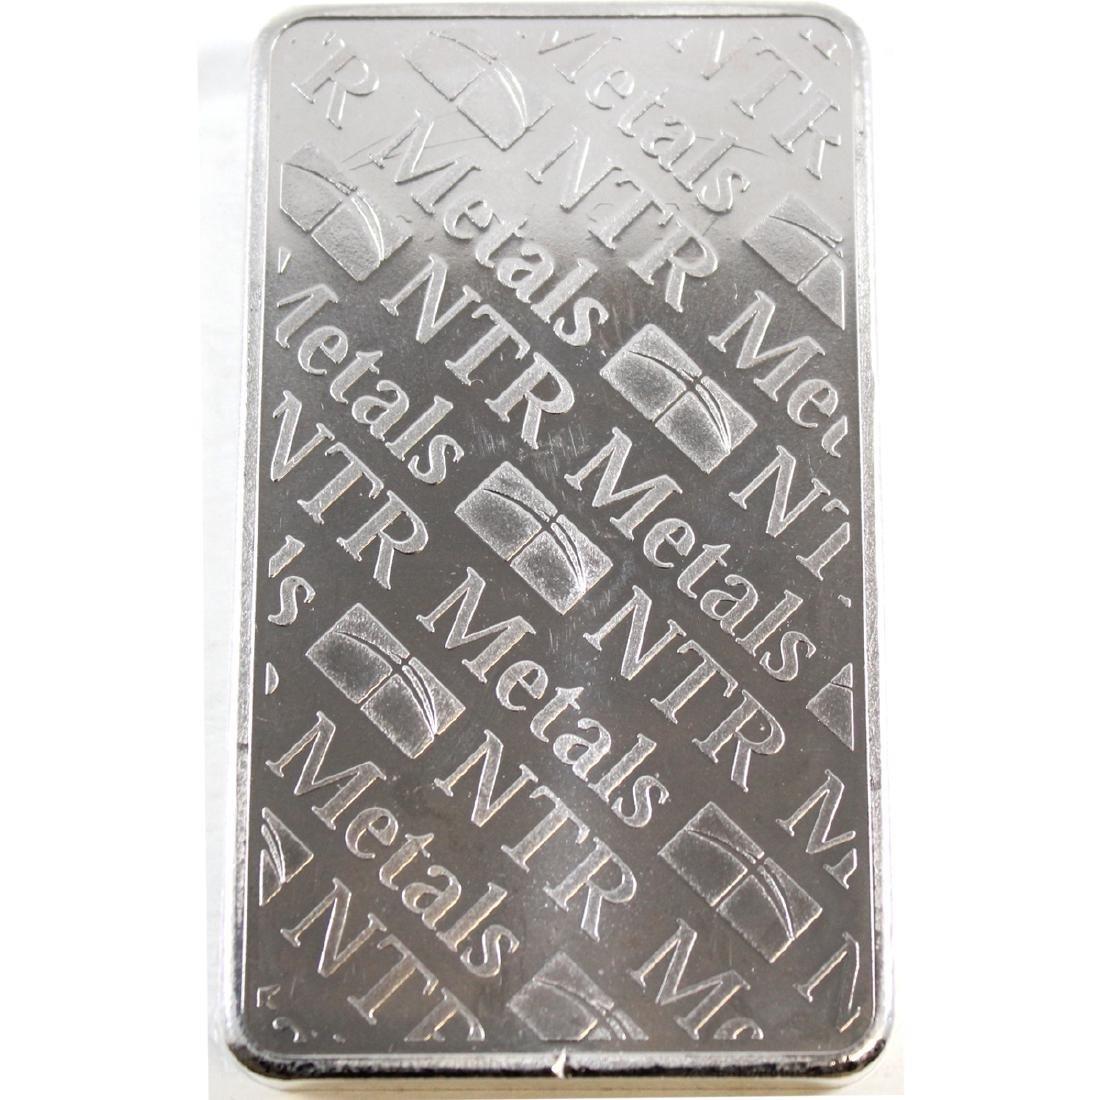 NTR Metals 10oz .999 Fine Silver Bar (TAX Exempt) - 2